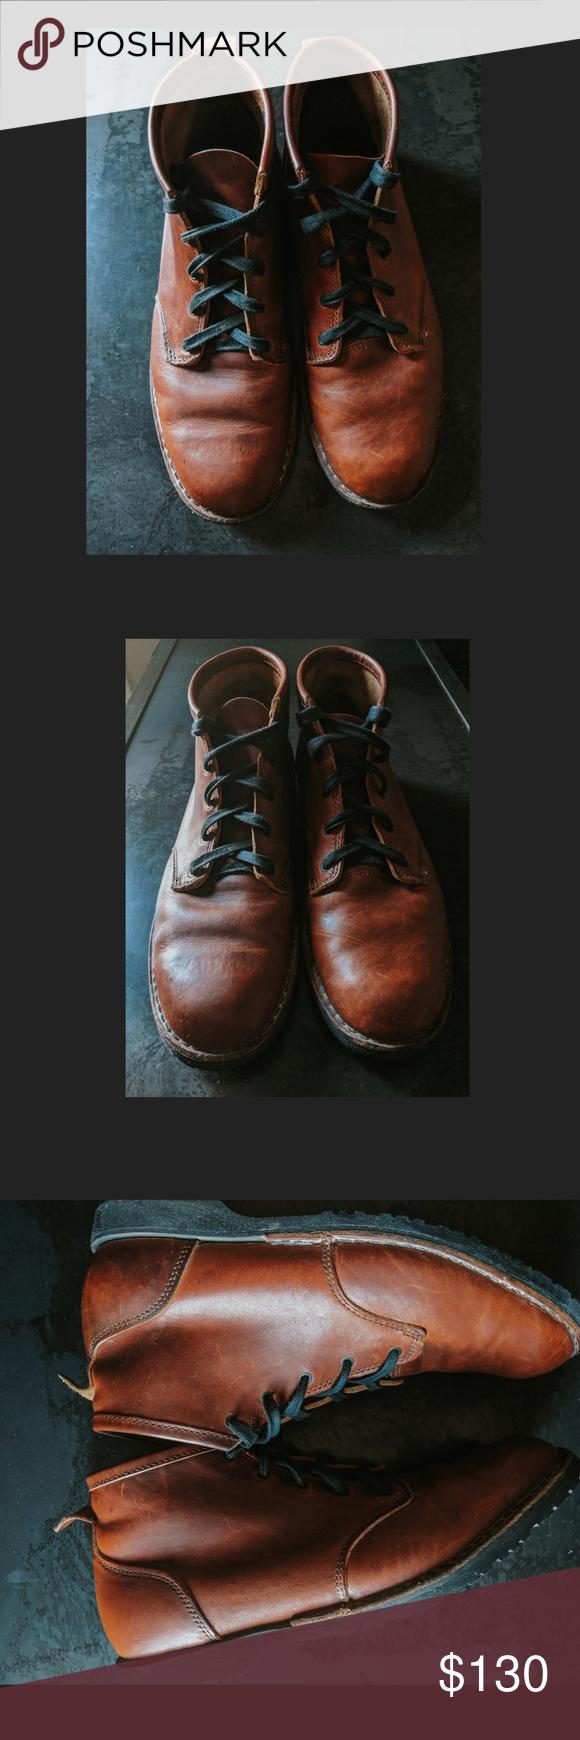 Heritage sneaker met leren details